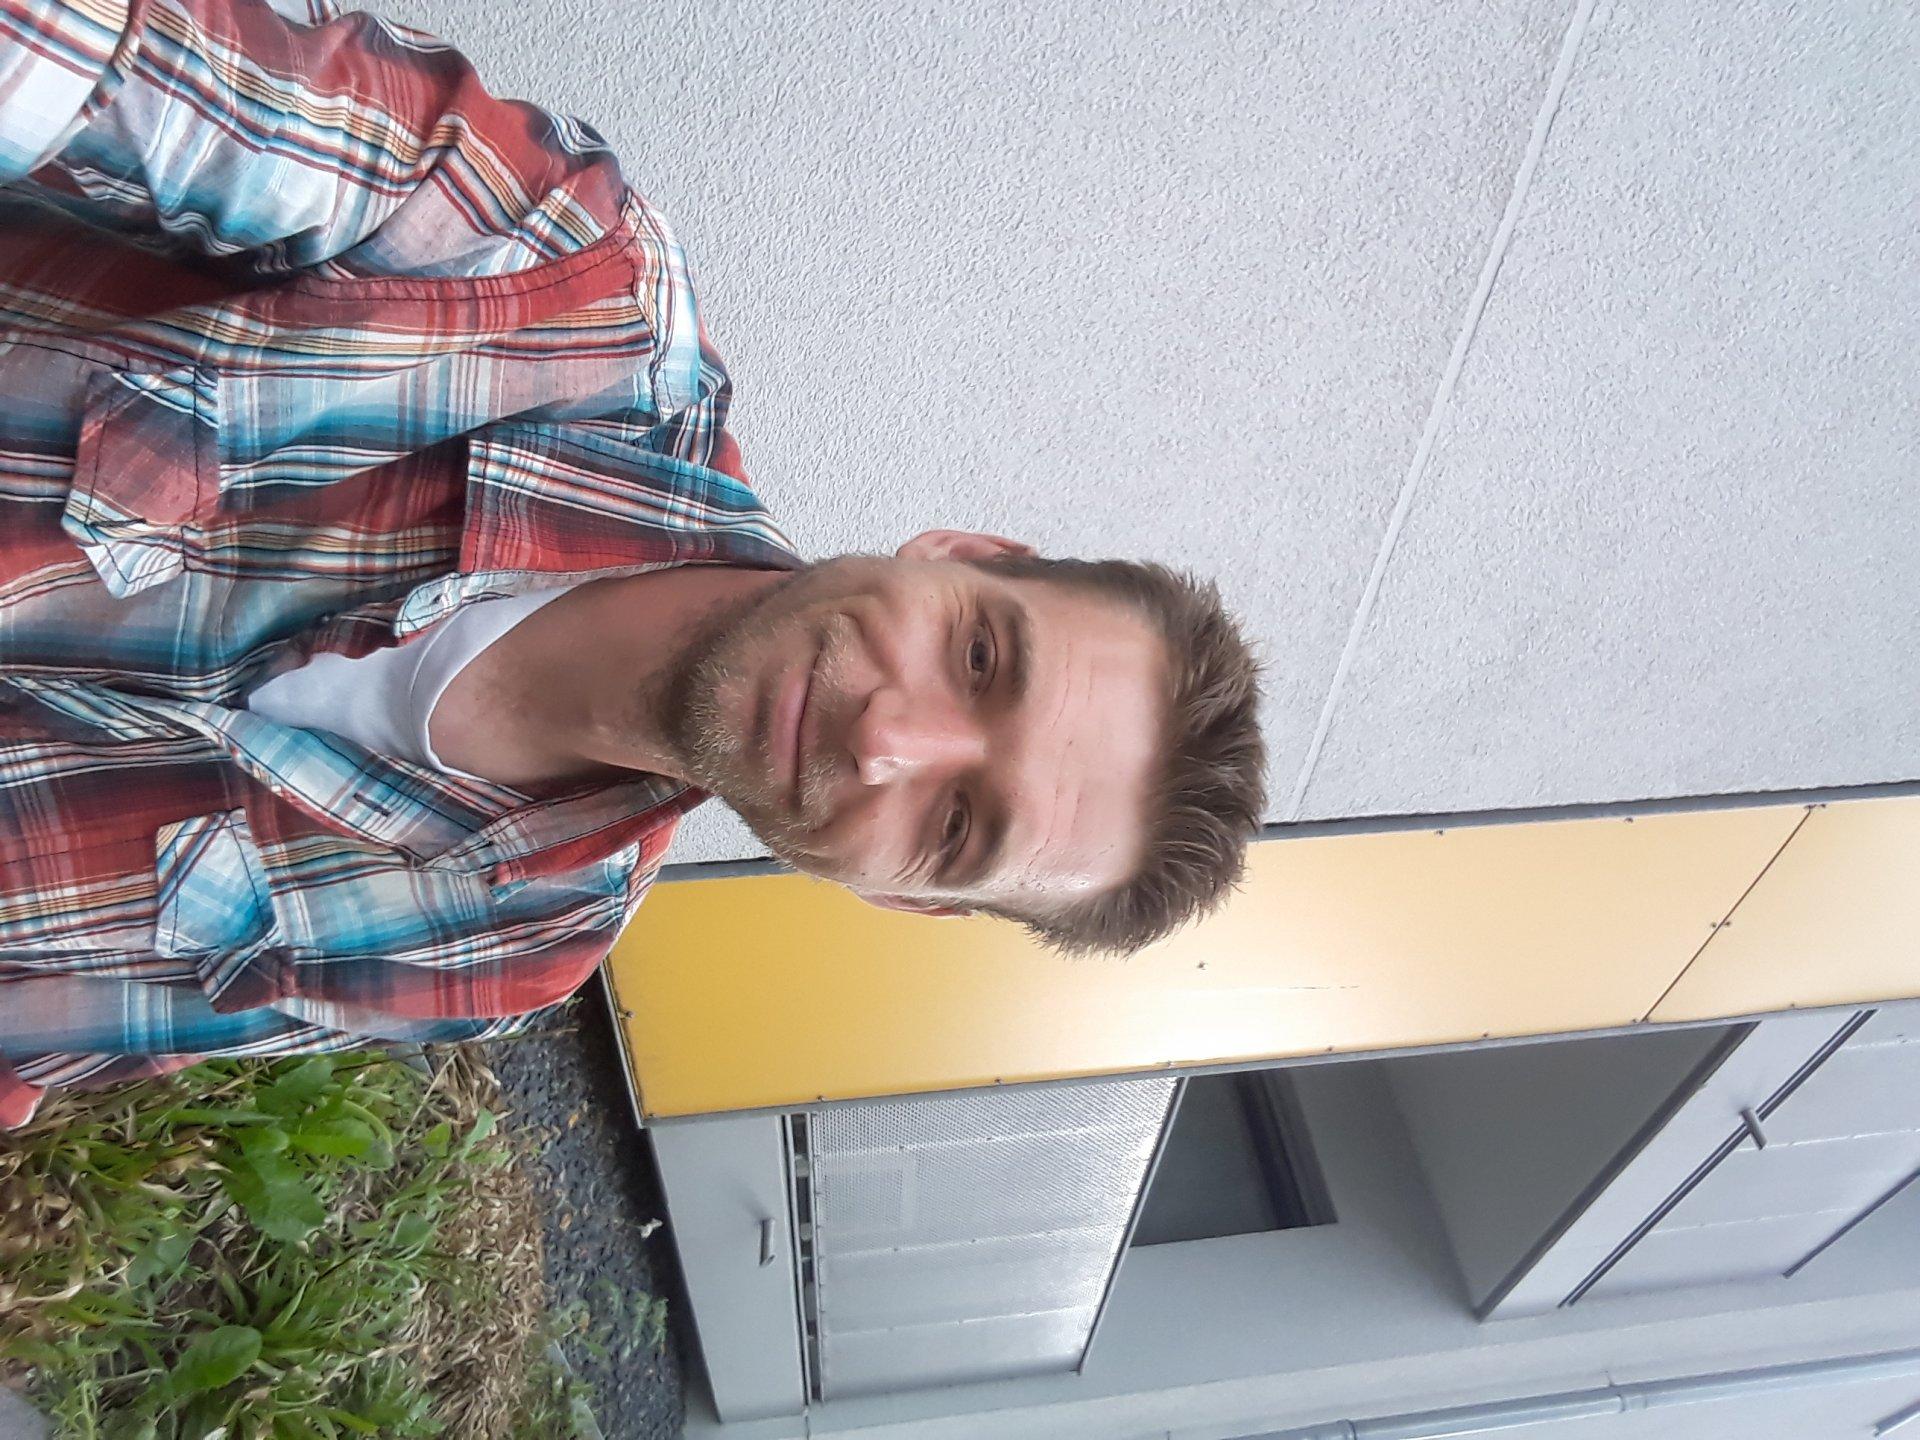 maikhorn aus Nordrhein-Westfalen,Deutschland